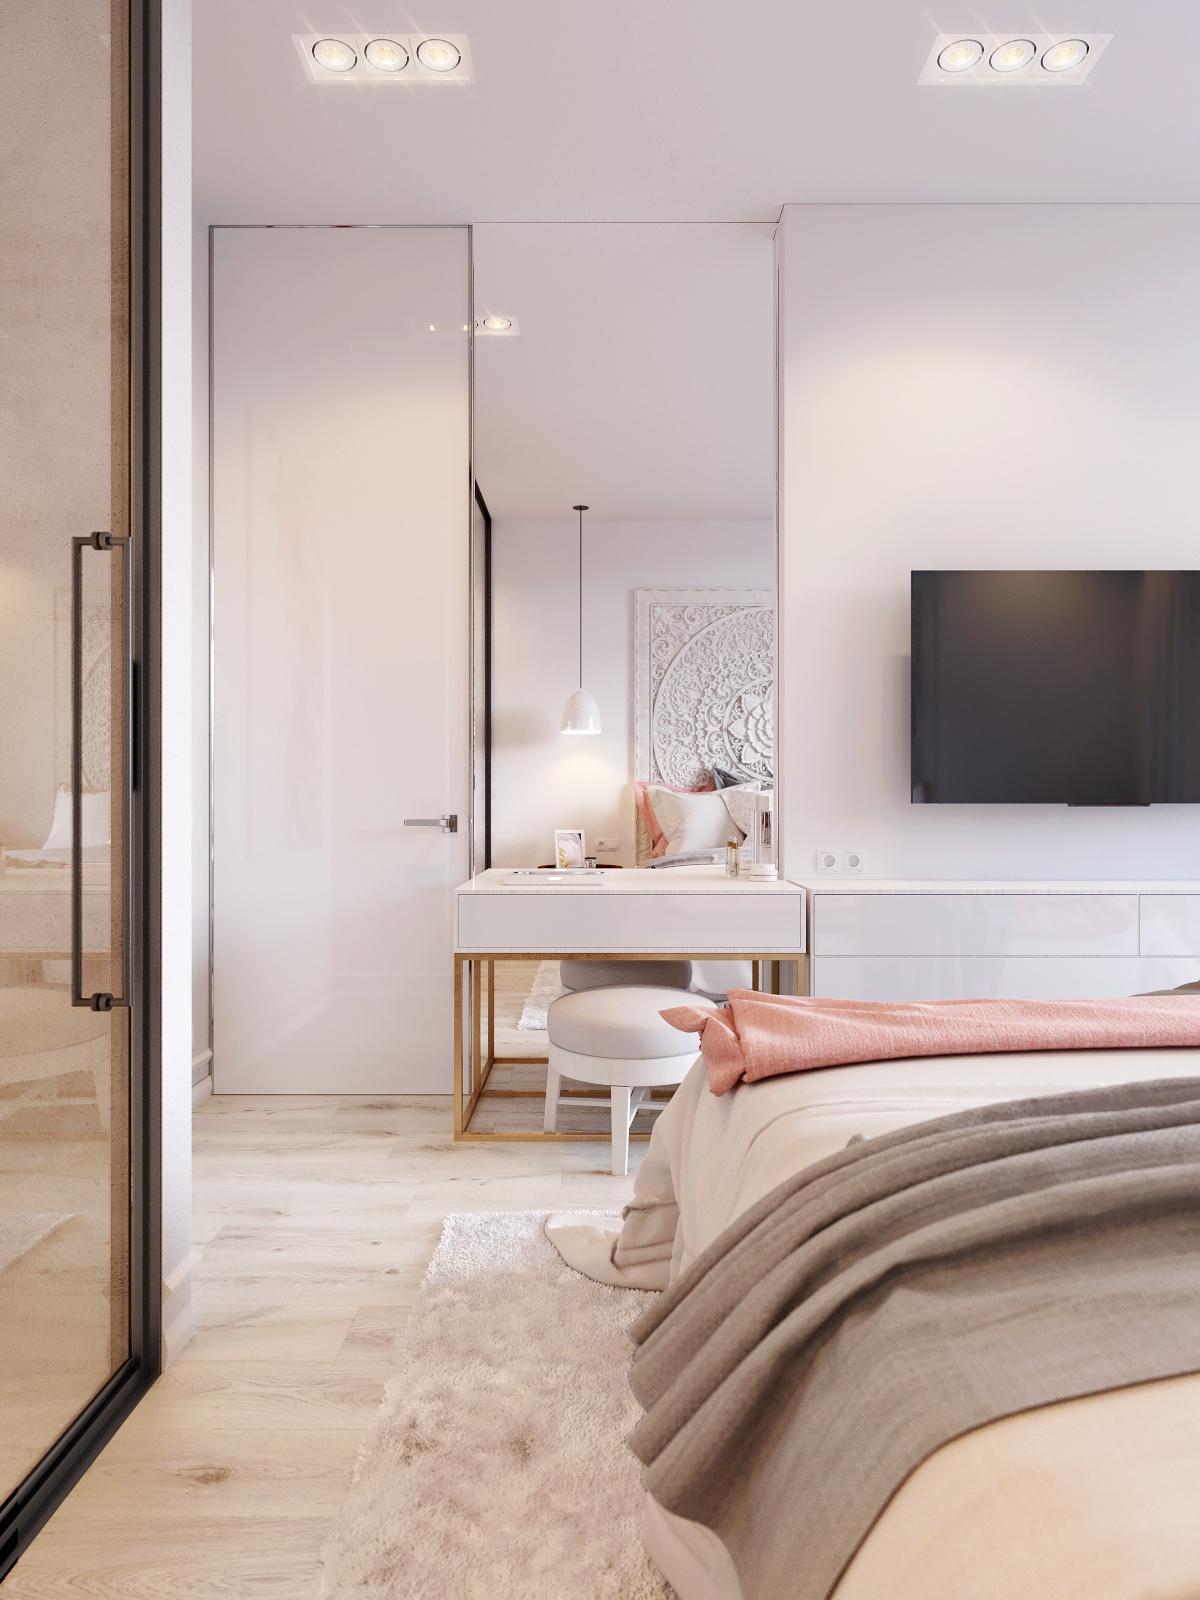 简约时尚公寓装修梳妆台设计图